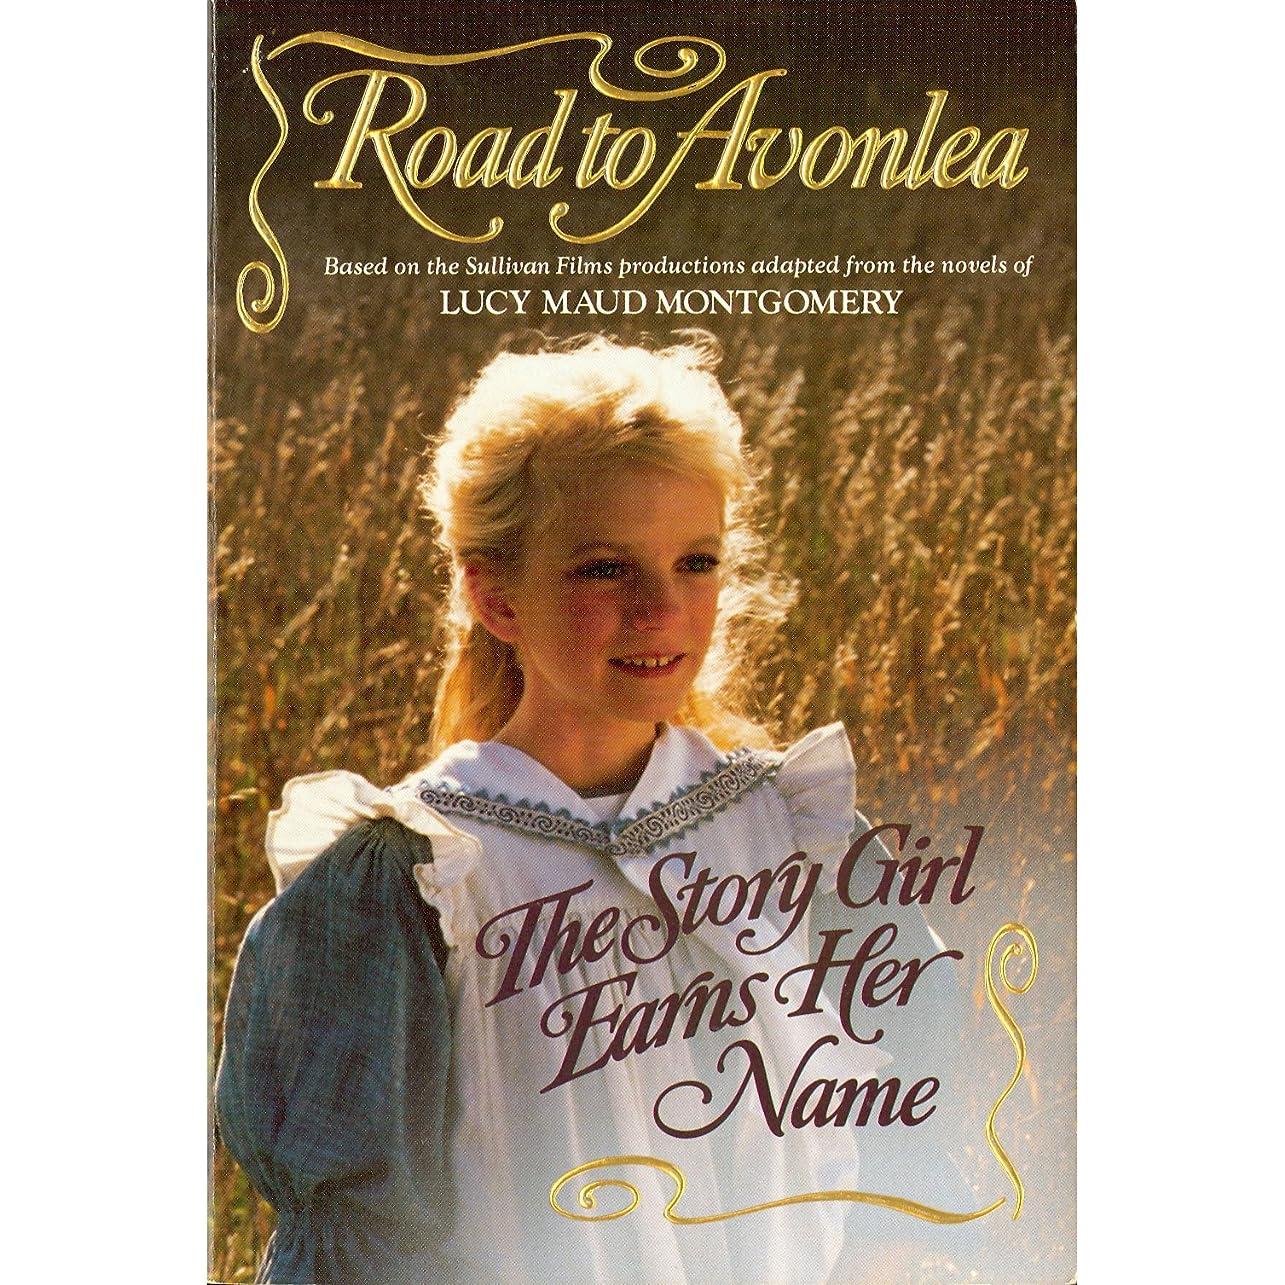 列車流す中央値The Story Girl Earns Her Name (Road to Avonlea Book 2) (English Edition)